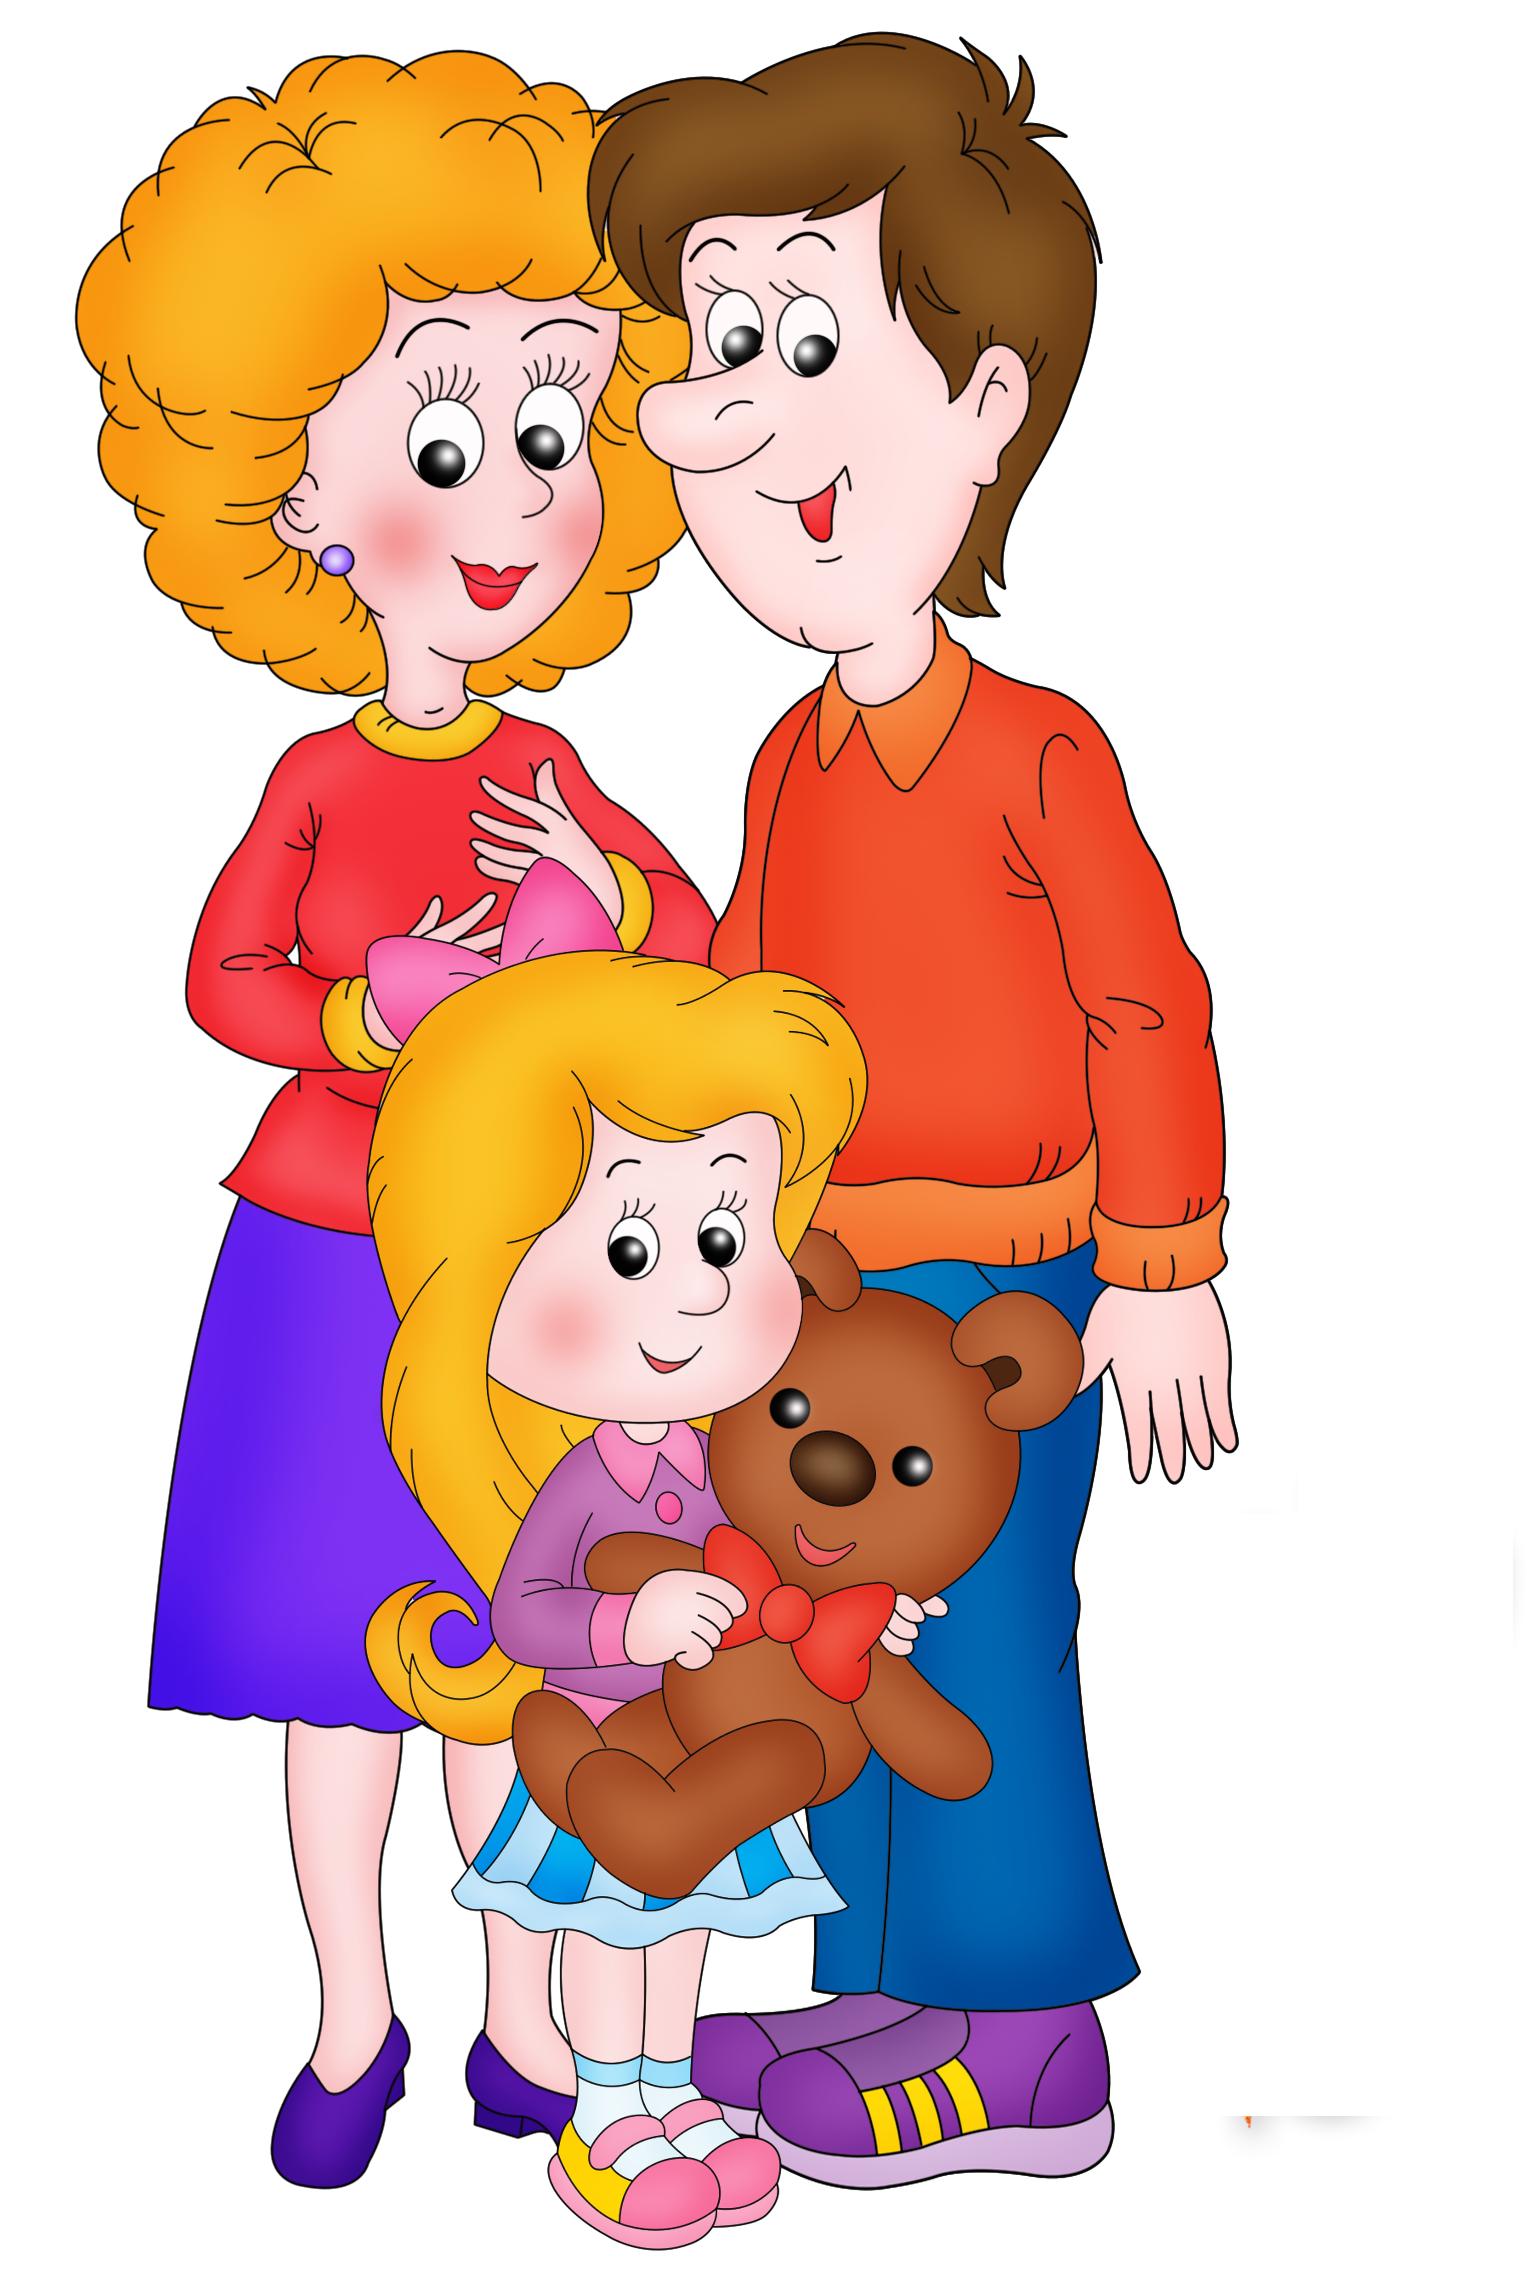 Родители с детьми картинки рисованные, утро картинках